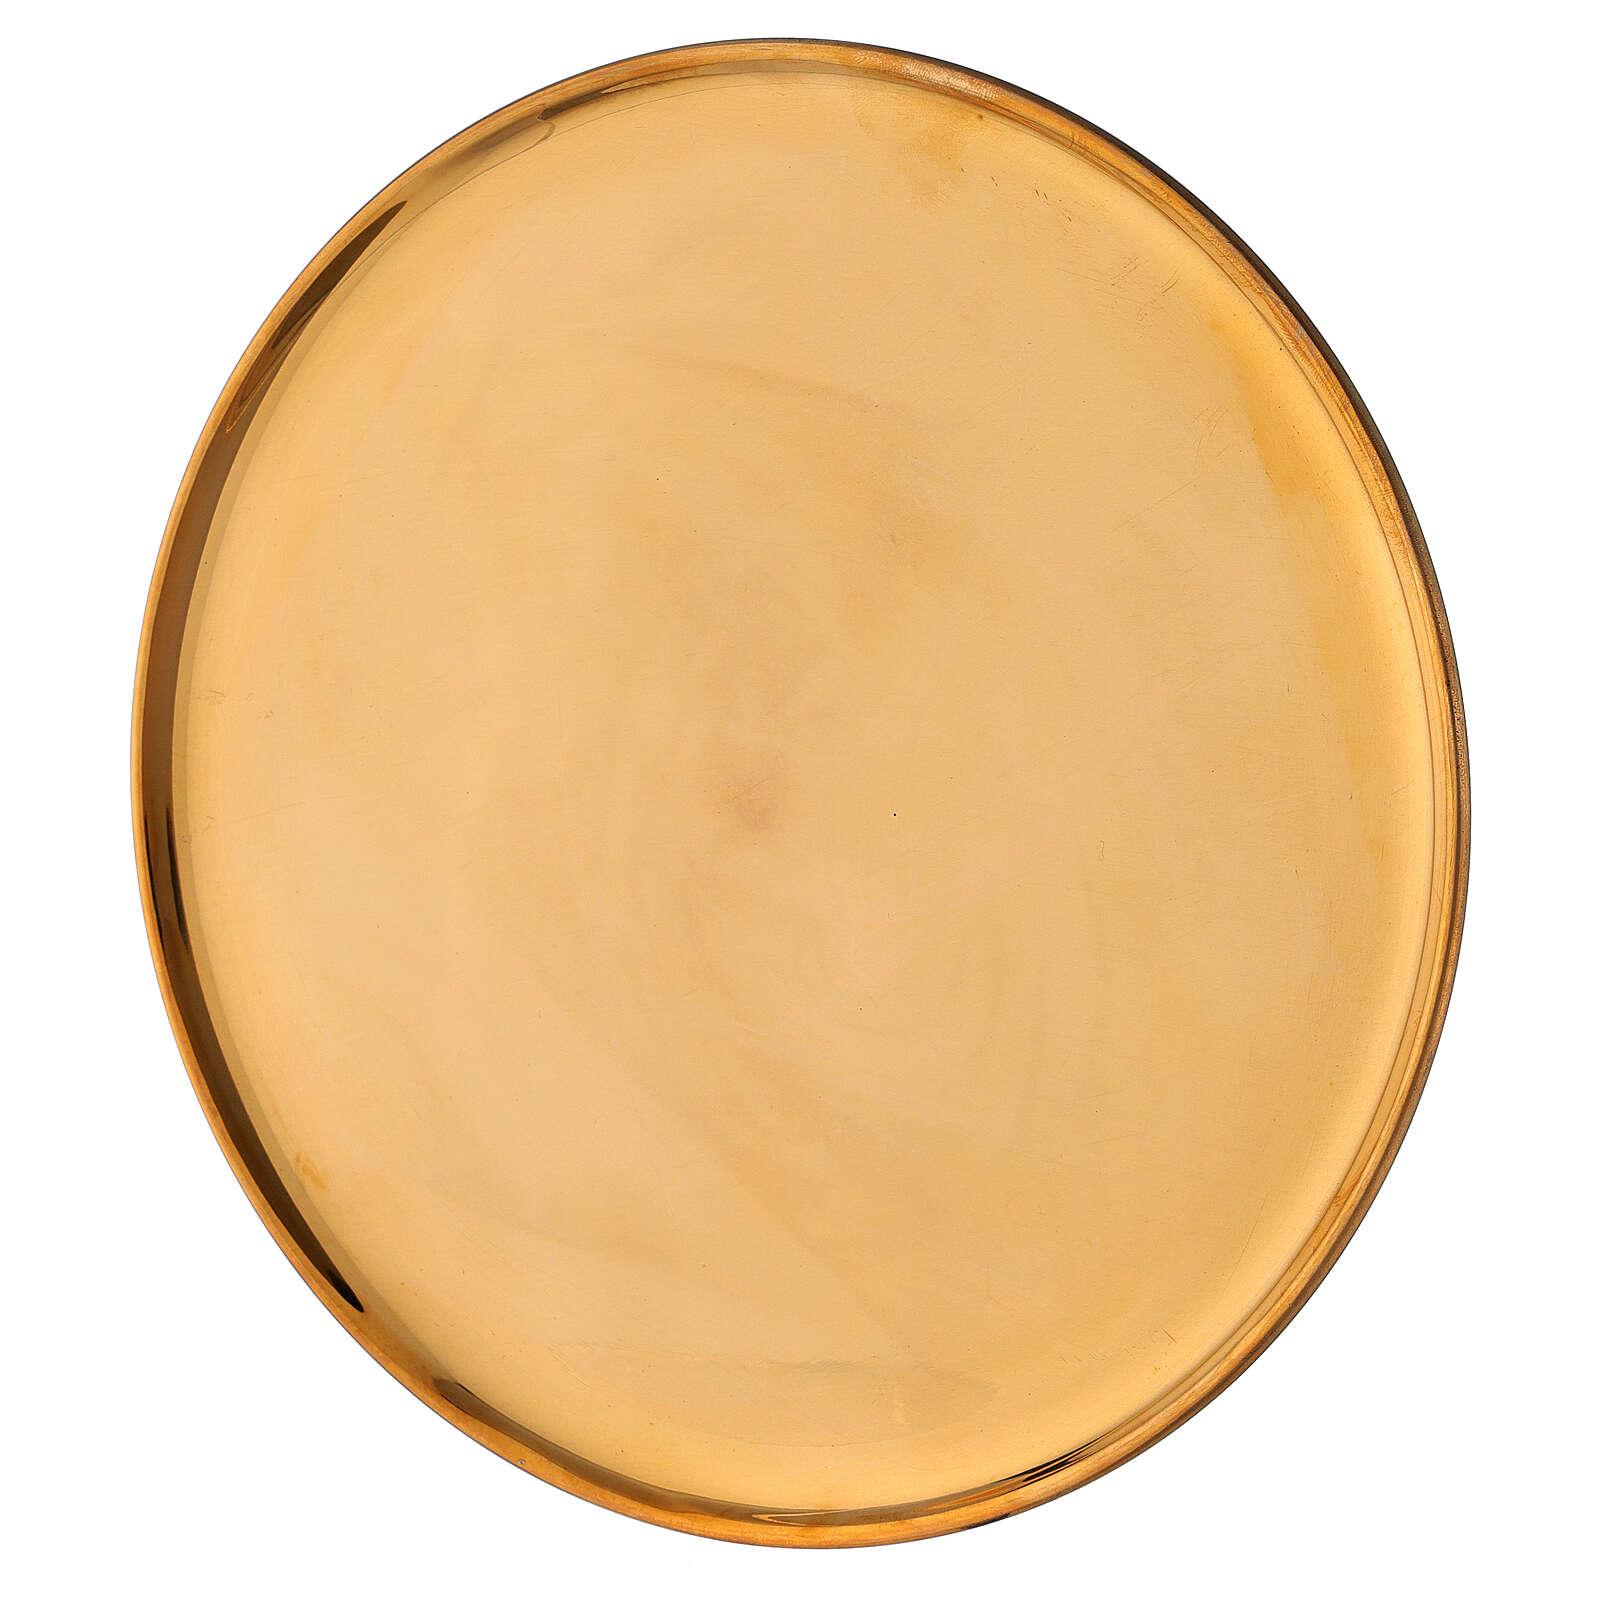 Plato portavela latón dorado lúcido redondo 21 cm 3